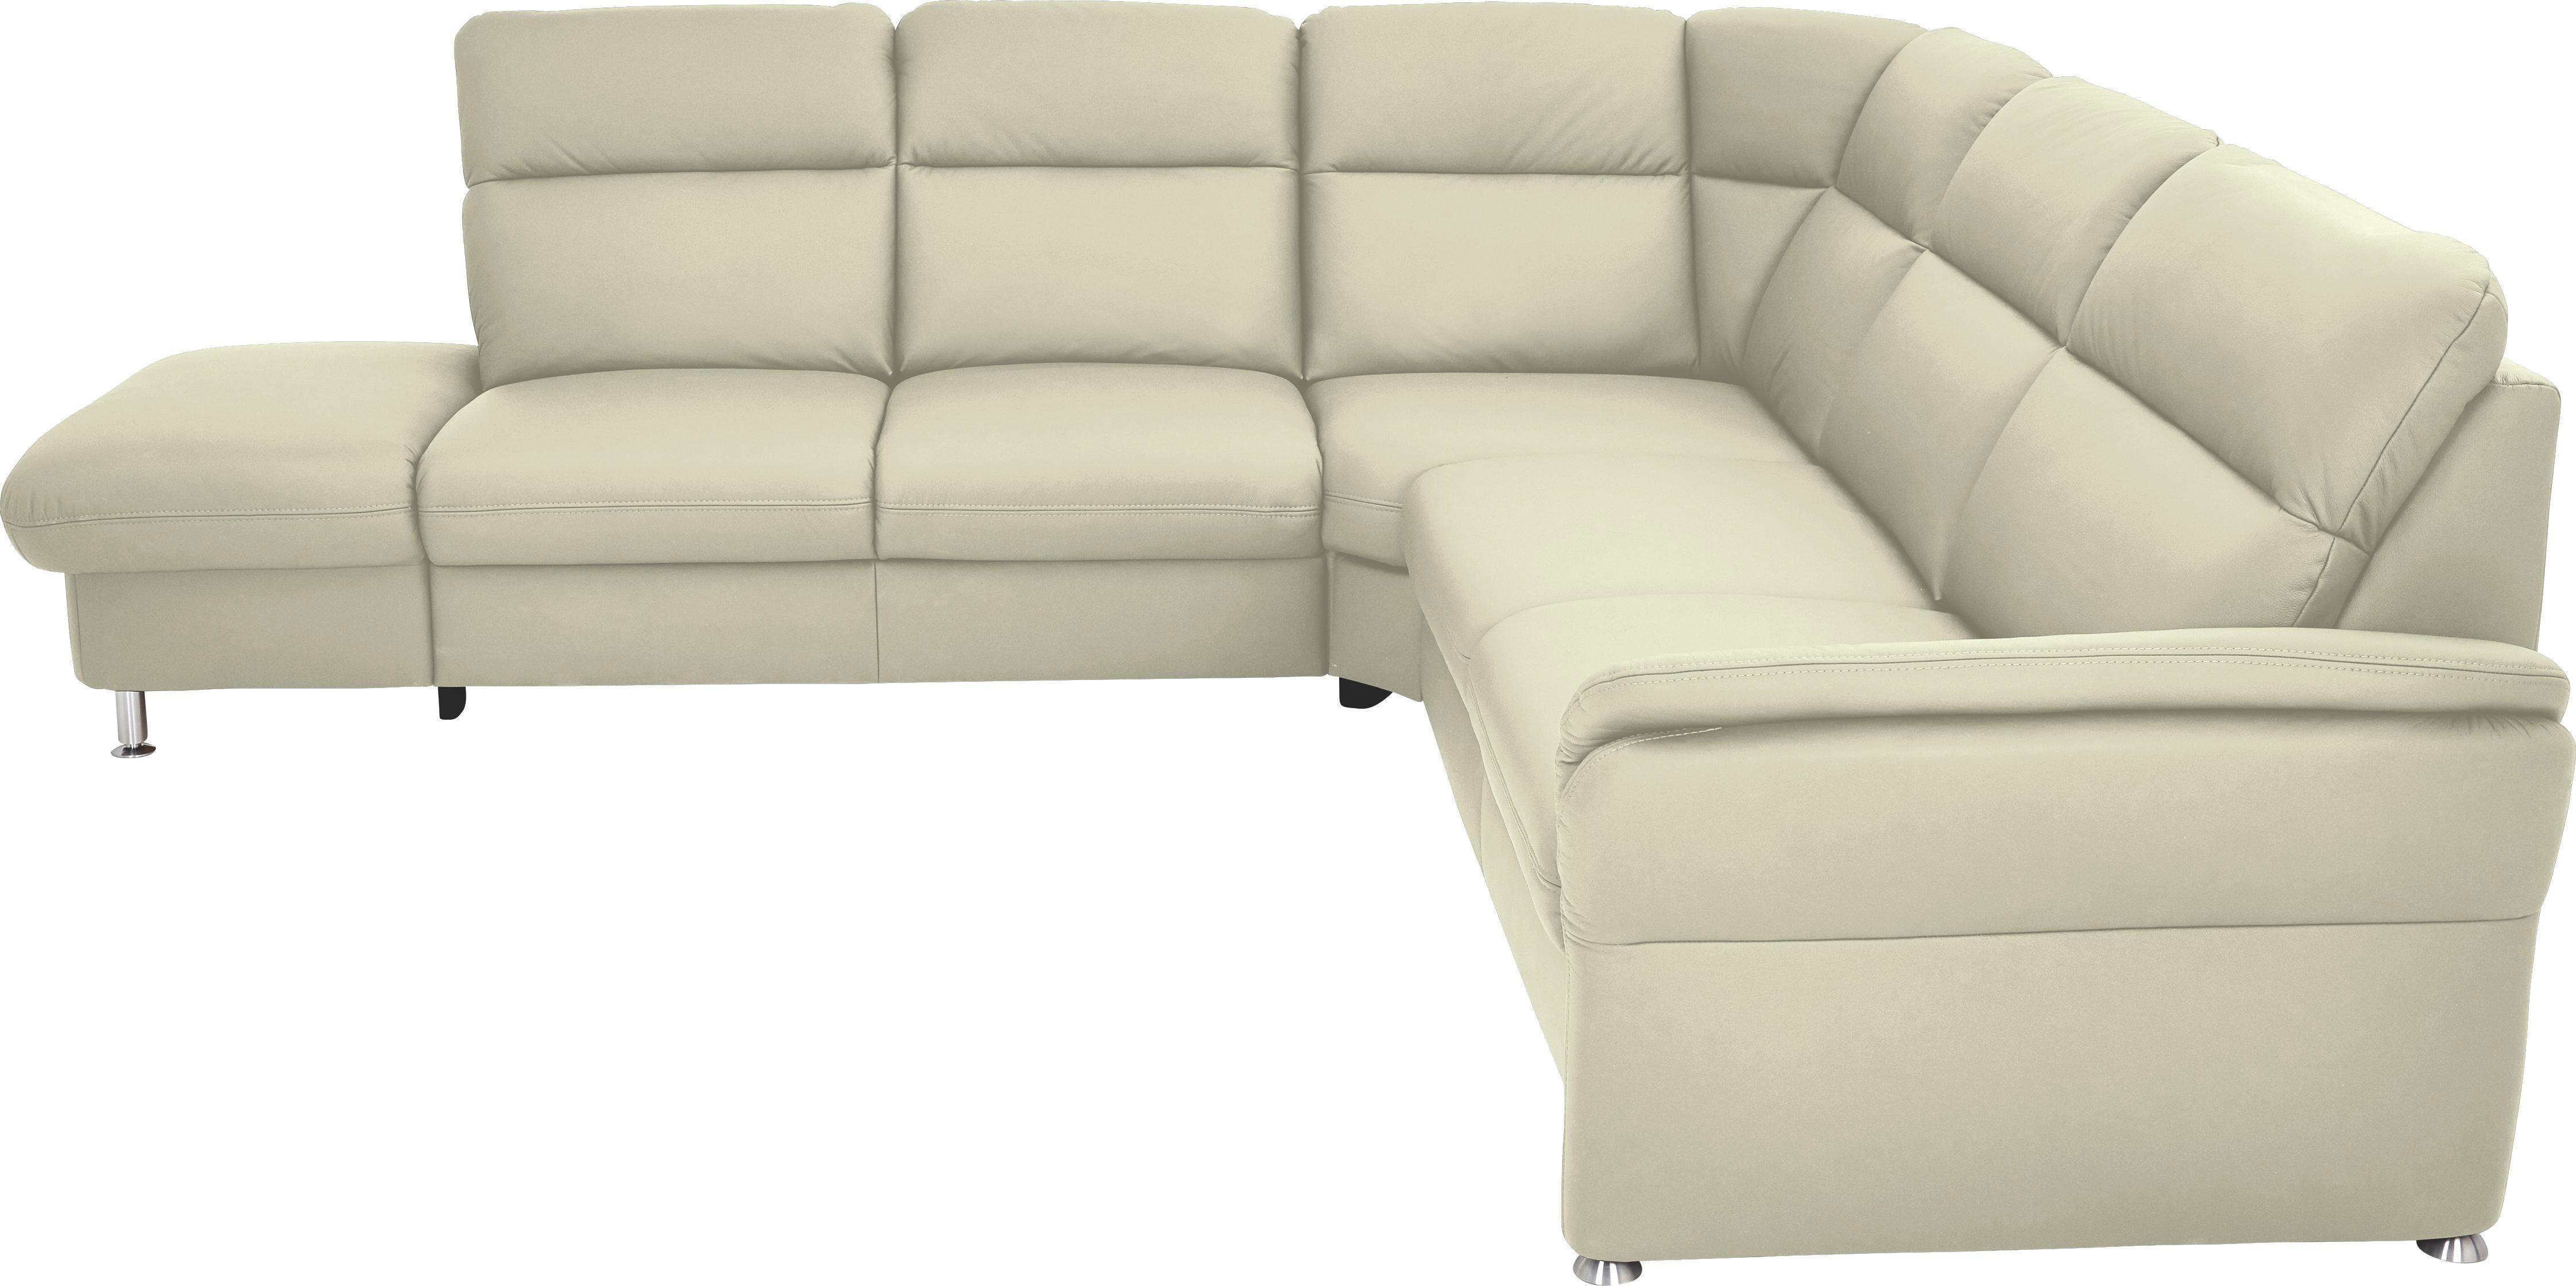 Wohnlandschaft Kaufen Musterring Sofa Online Kaufen